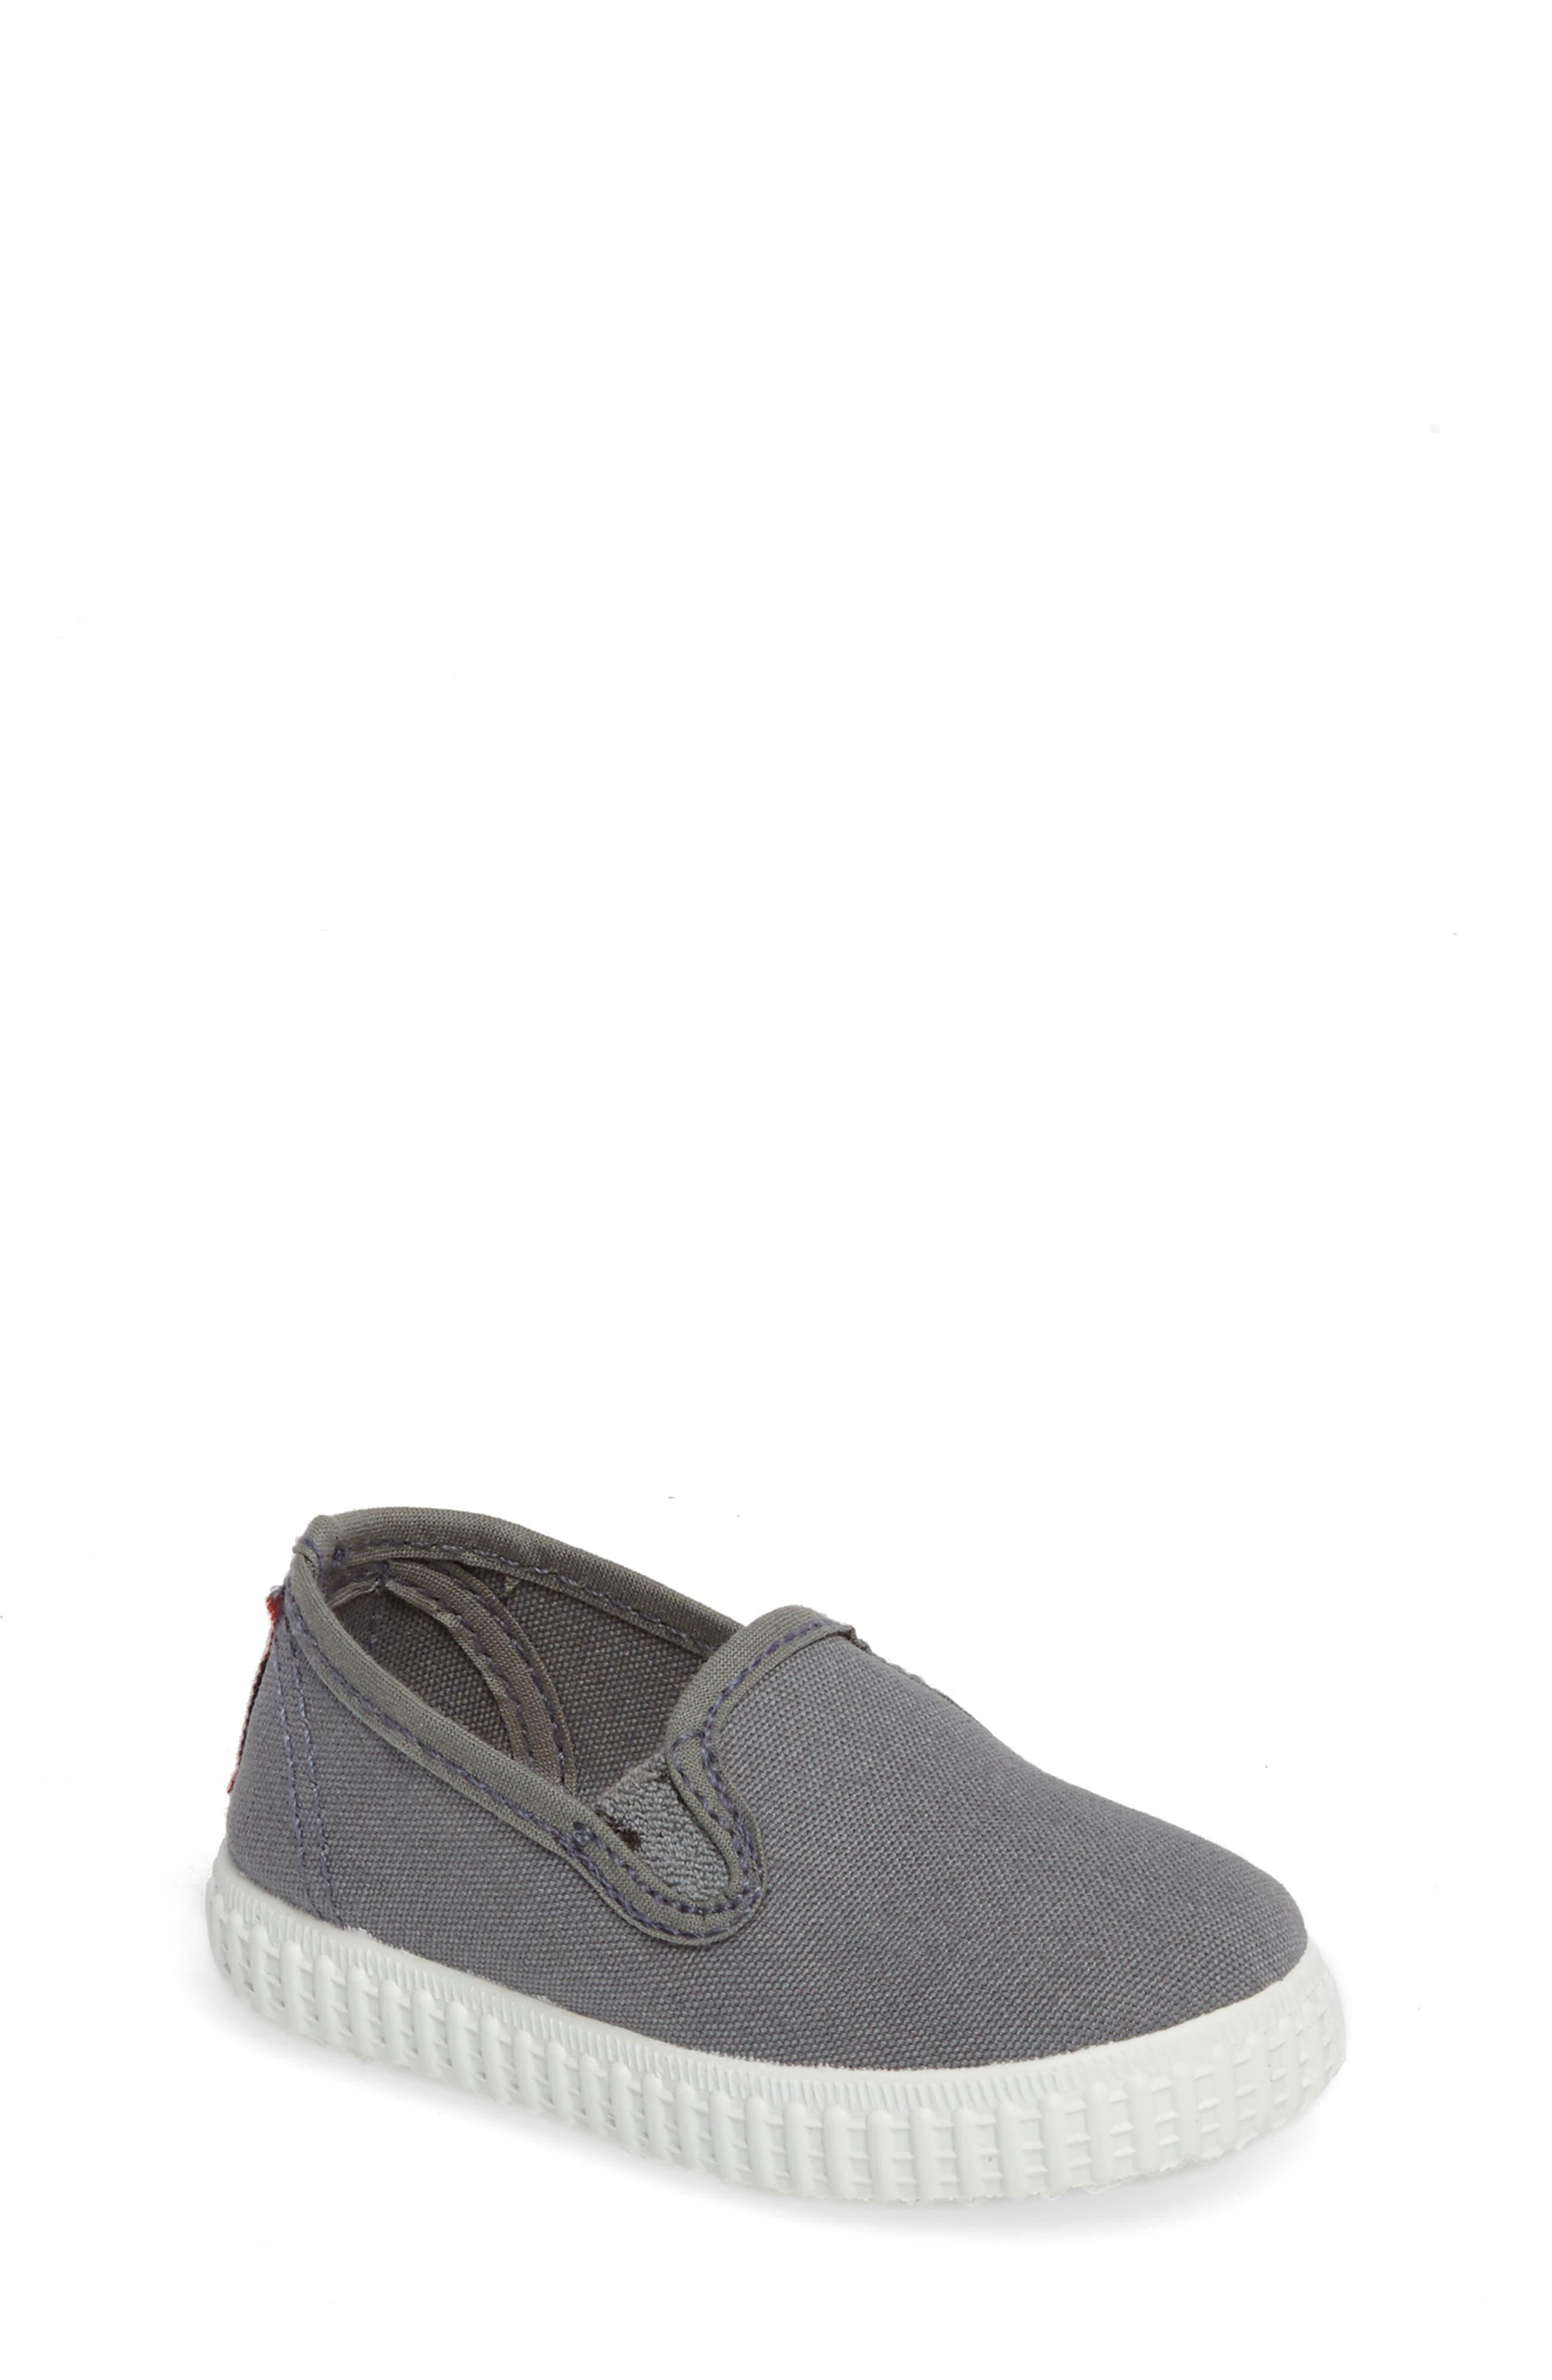 Slip-On Sneaker,                         Main,                         color, Light Grey